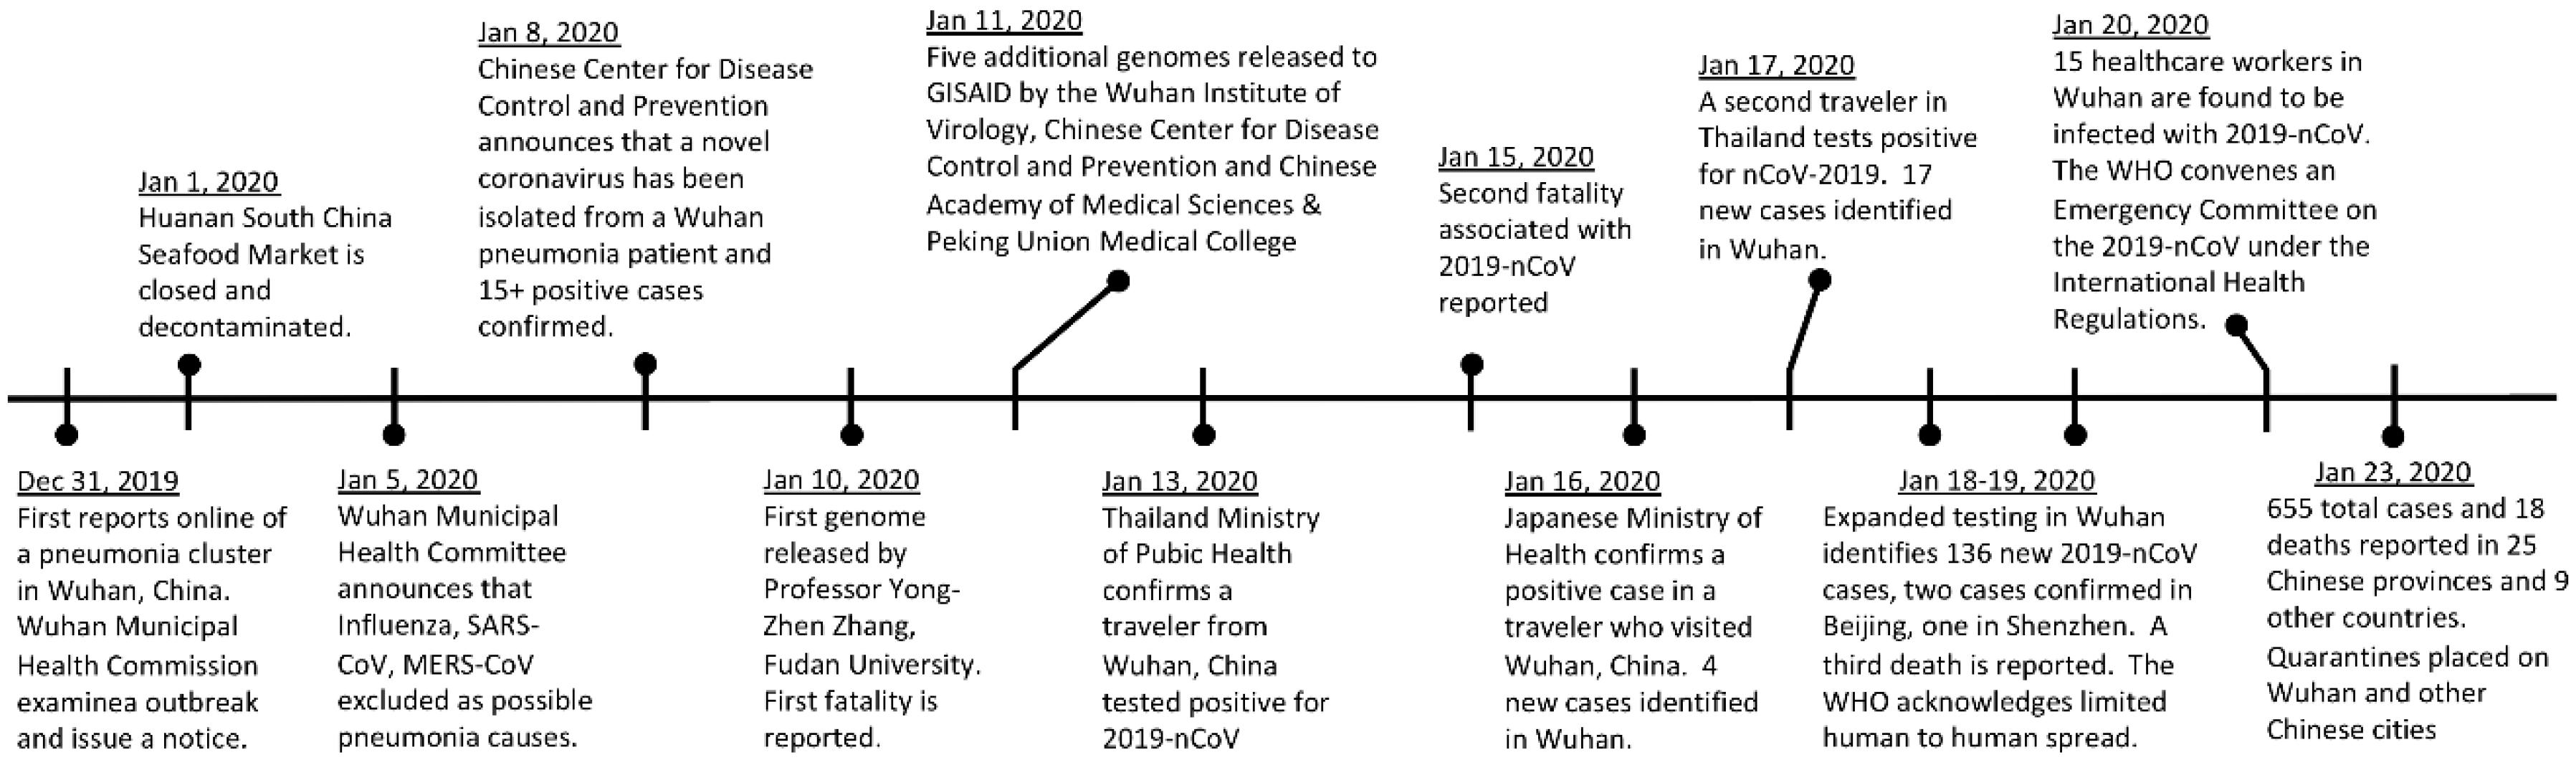 Timeline della pandemia Covid-19